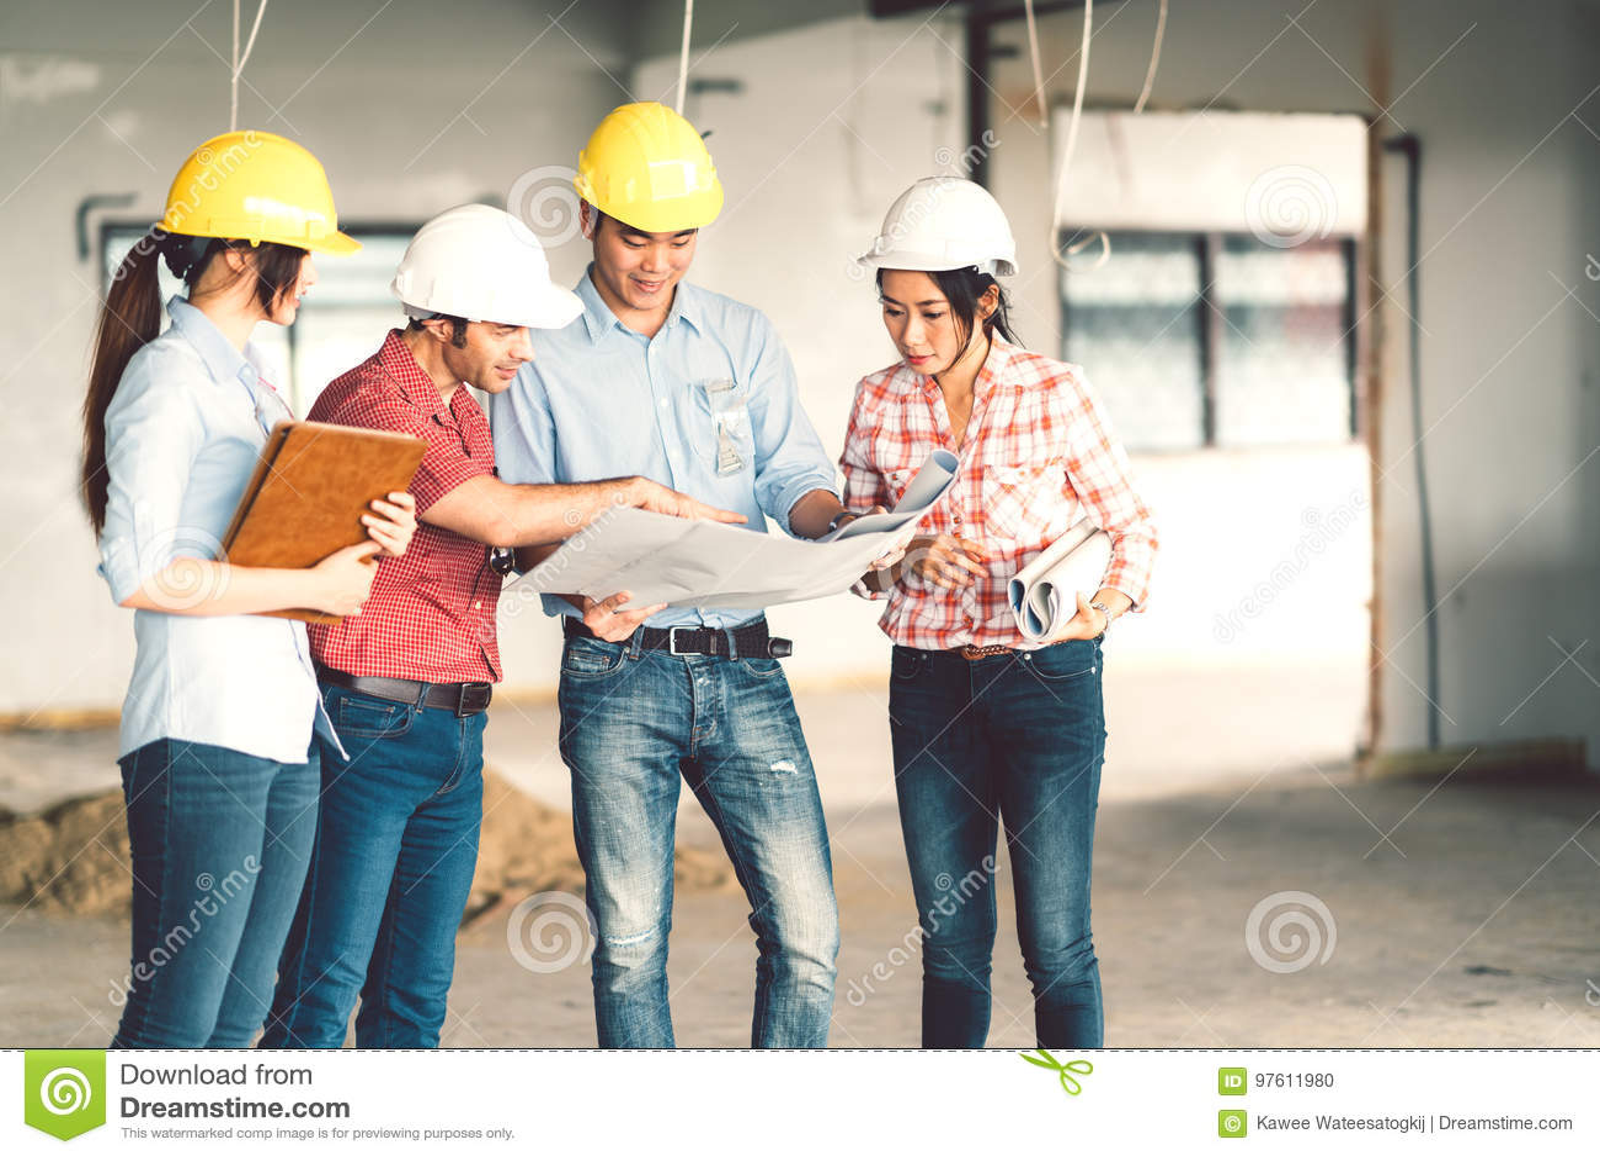 不同种族的不同的小组工程师或商务伙伴建造场所的,在大厦` s图纸